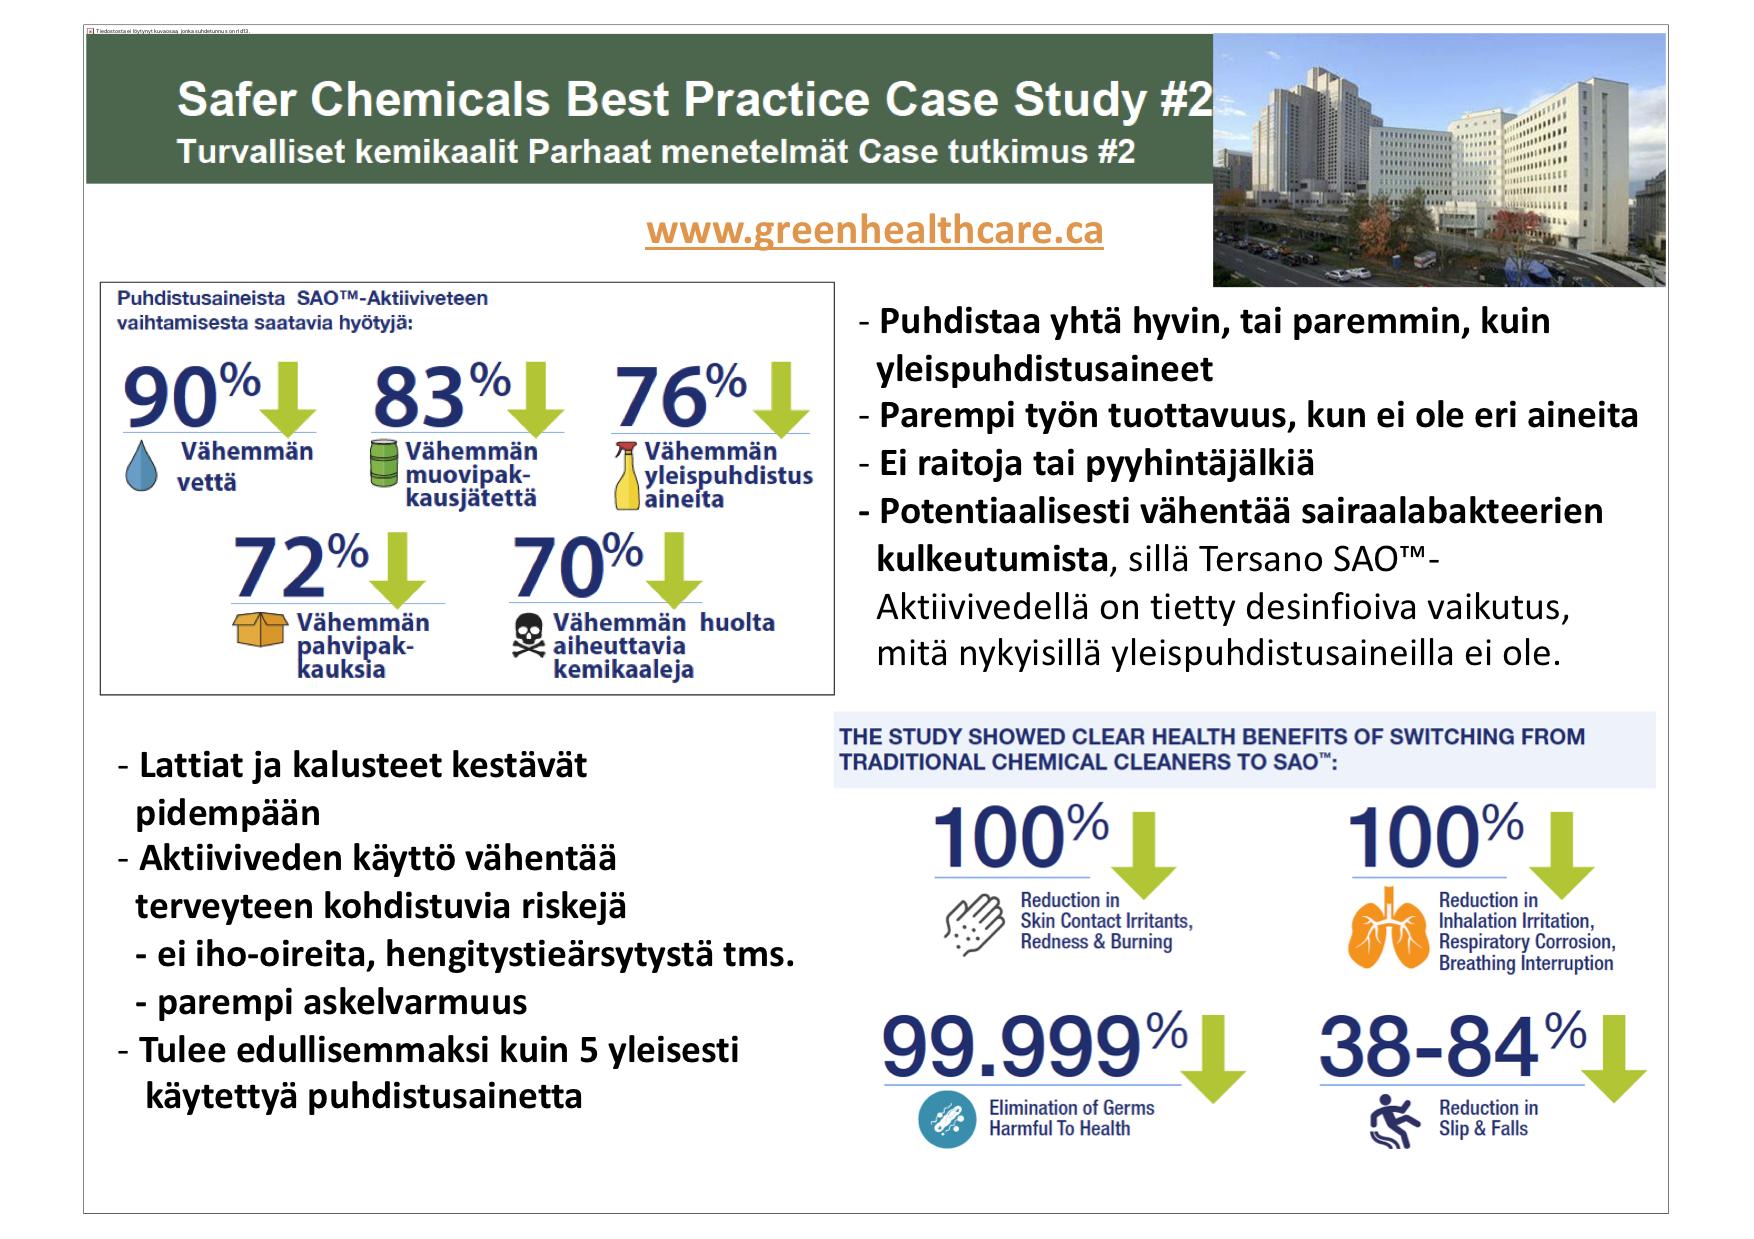 Tulokset ovat suorastaan hämmästyttäviä, kuten kuvassa kerrotaan.  Lue koko raportti täältä!